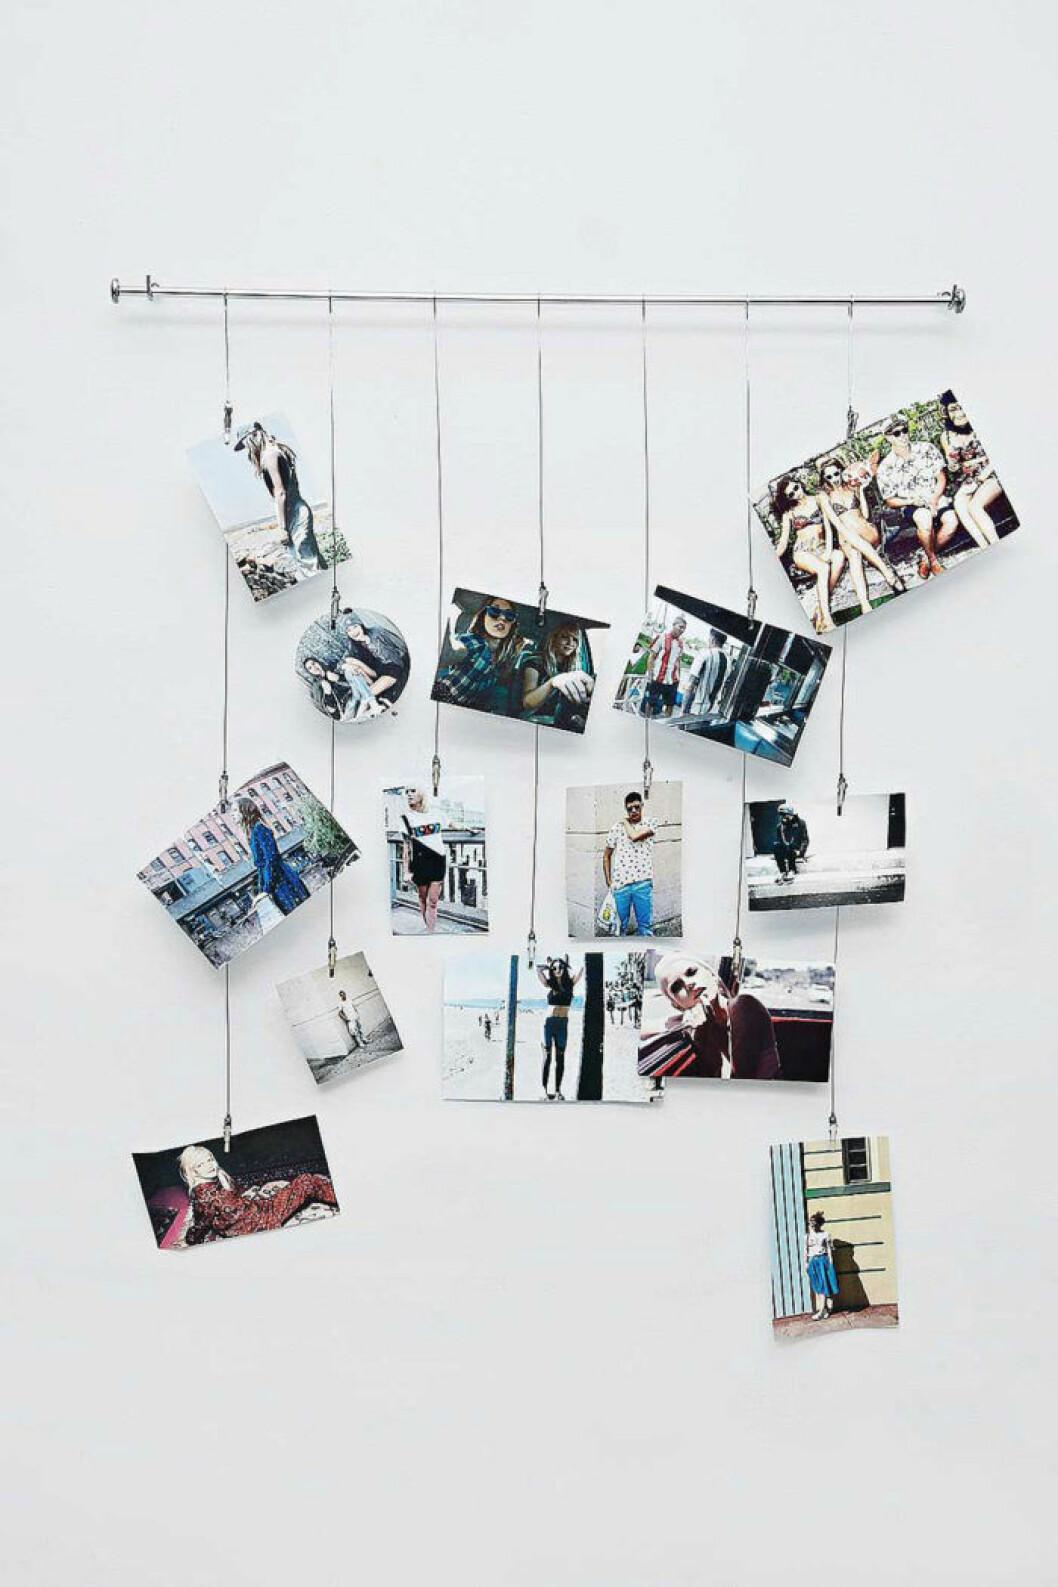 Fotografier har fäst på vajrar som hängts lodrätt